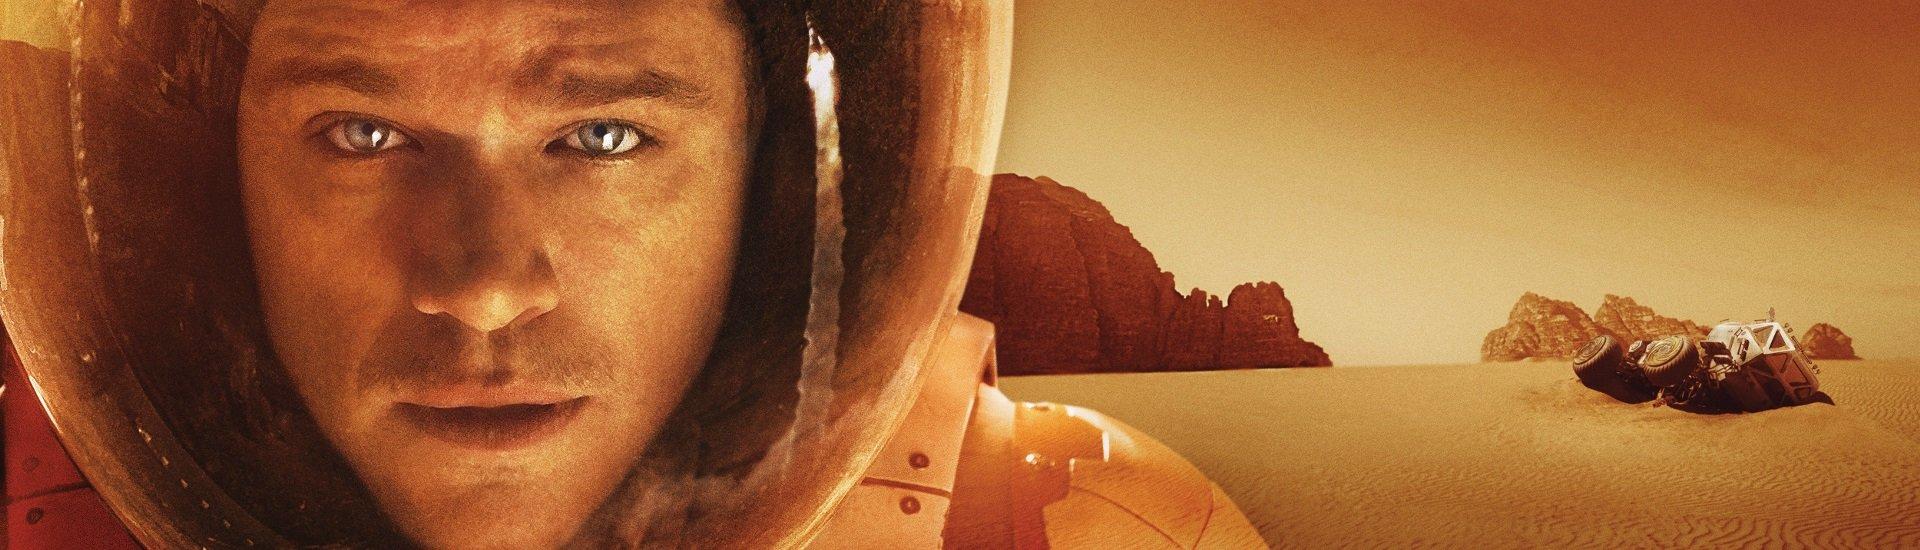 """Да здравствует разум! Рецензия на фильм """"Марсианин"""" - Изображение 1"""